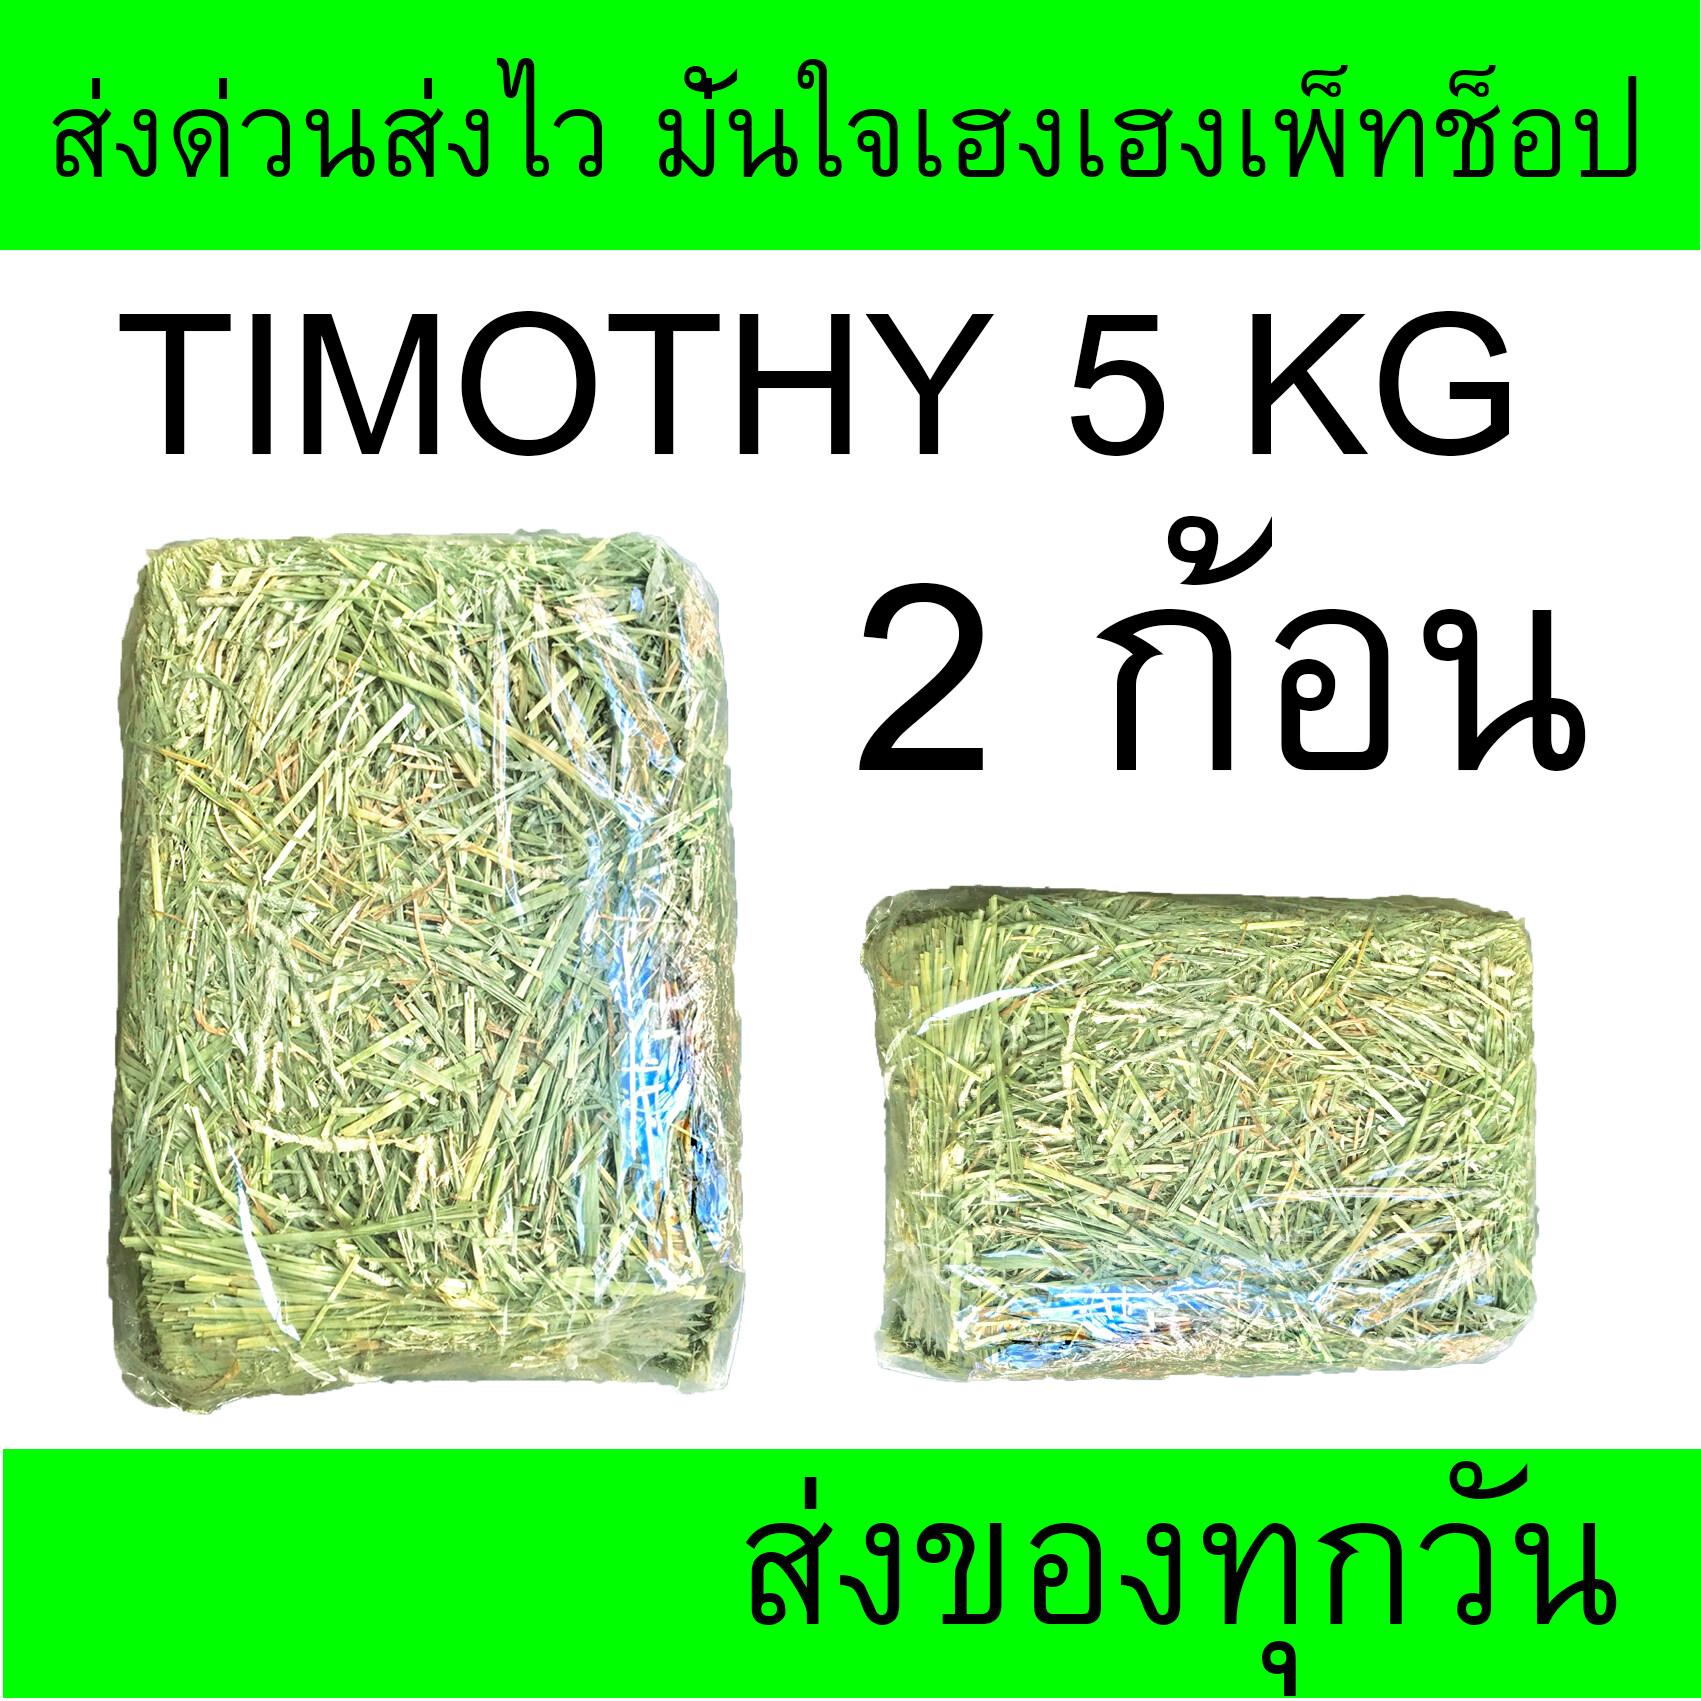 หญ้ากระต่ายโตทิมโมธี แพ๊คคู่ ขนาด5kg 2ก้อน คุ้มกว่าประหยัดกว่า.